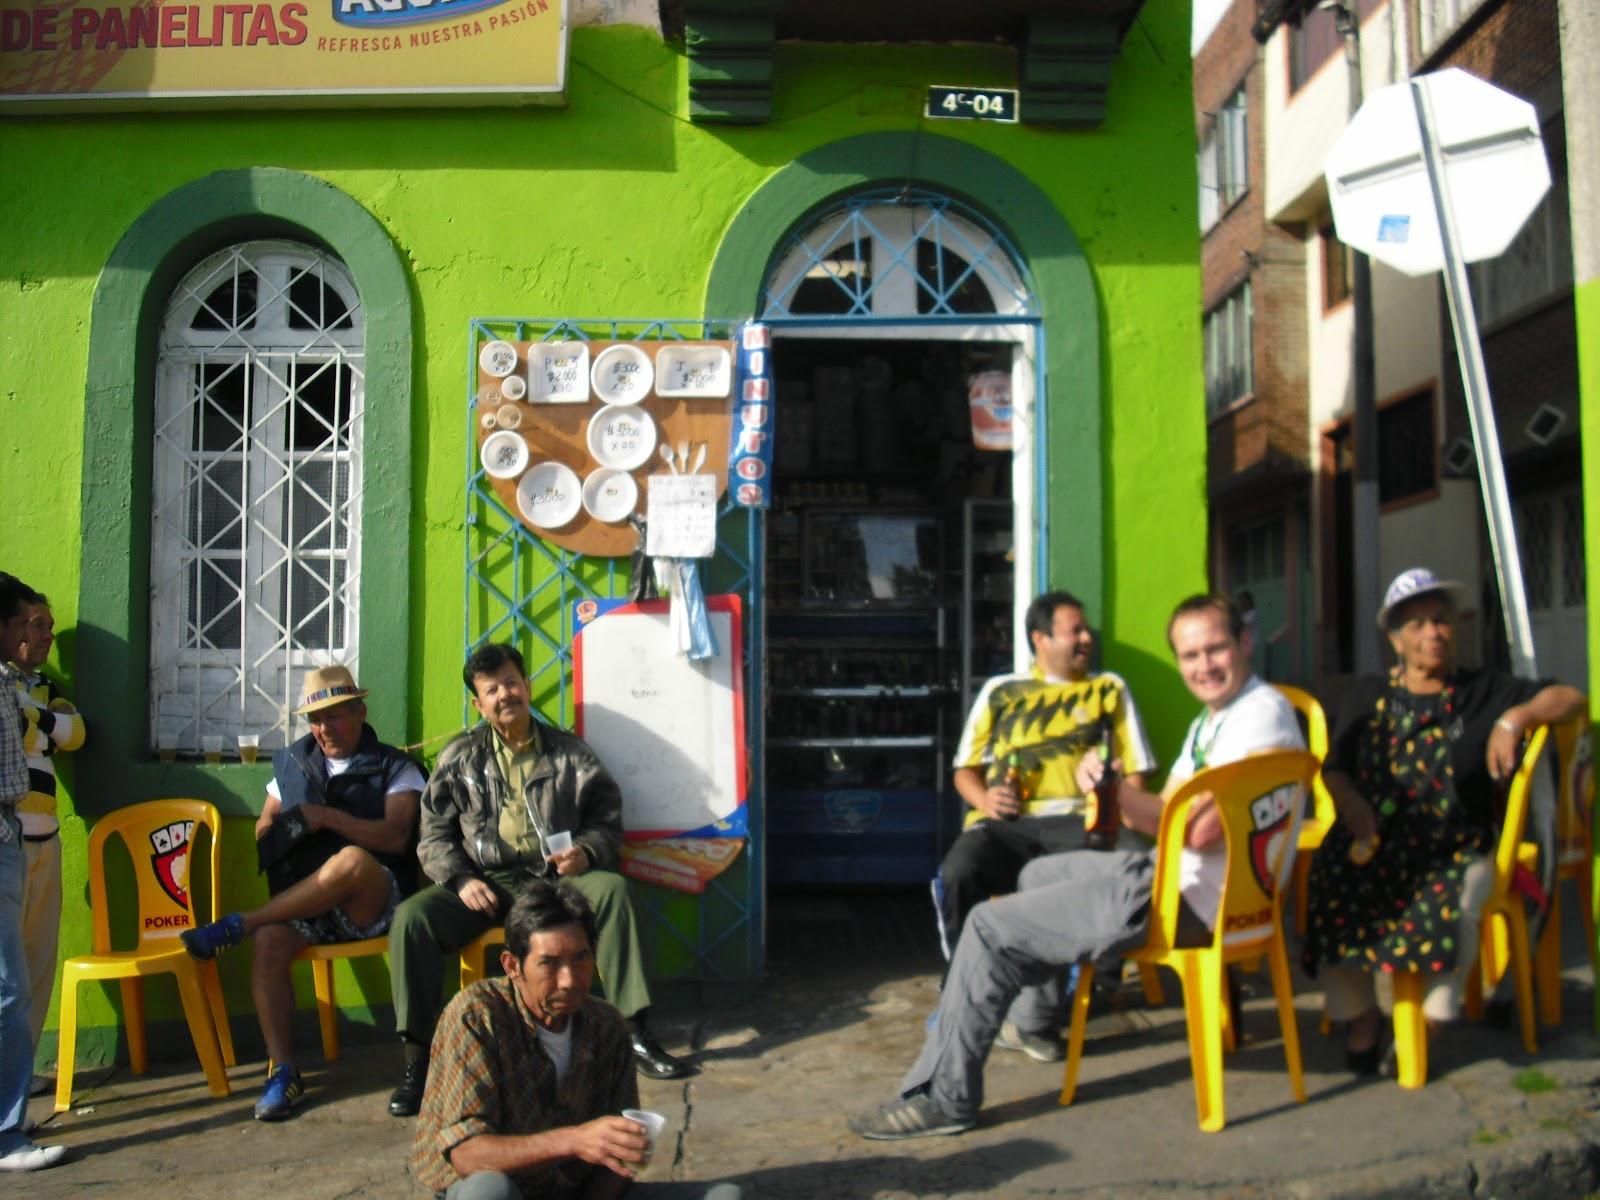 Don Fernando's, aka Las Panelas, in La Perseverancia, Bogotá D.C.